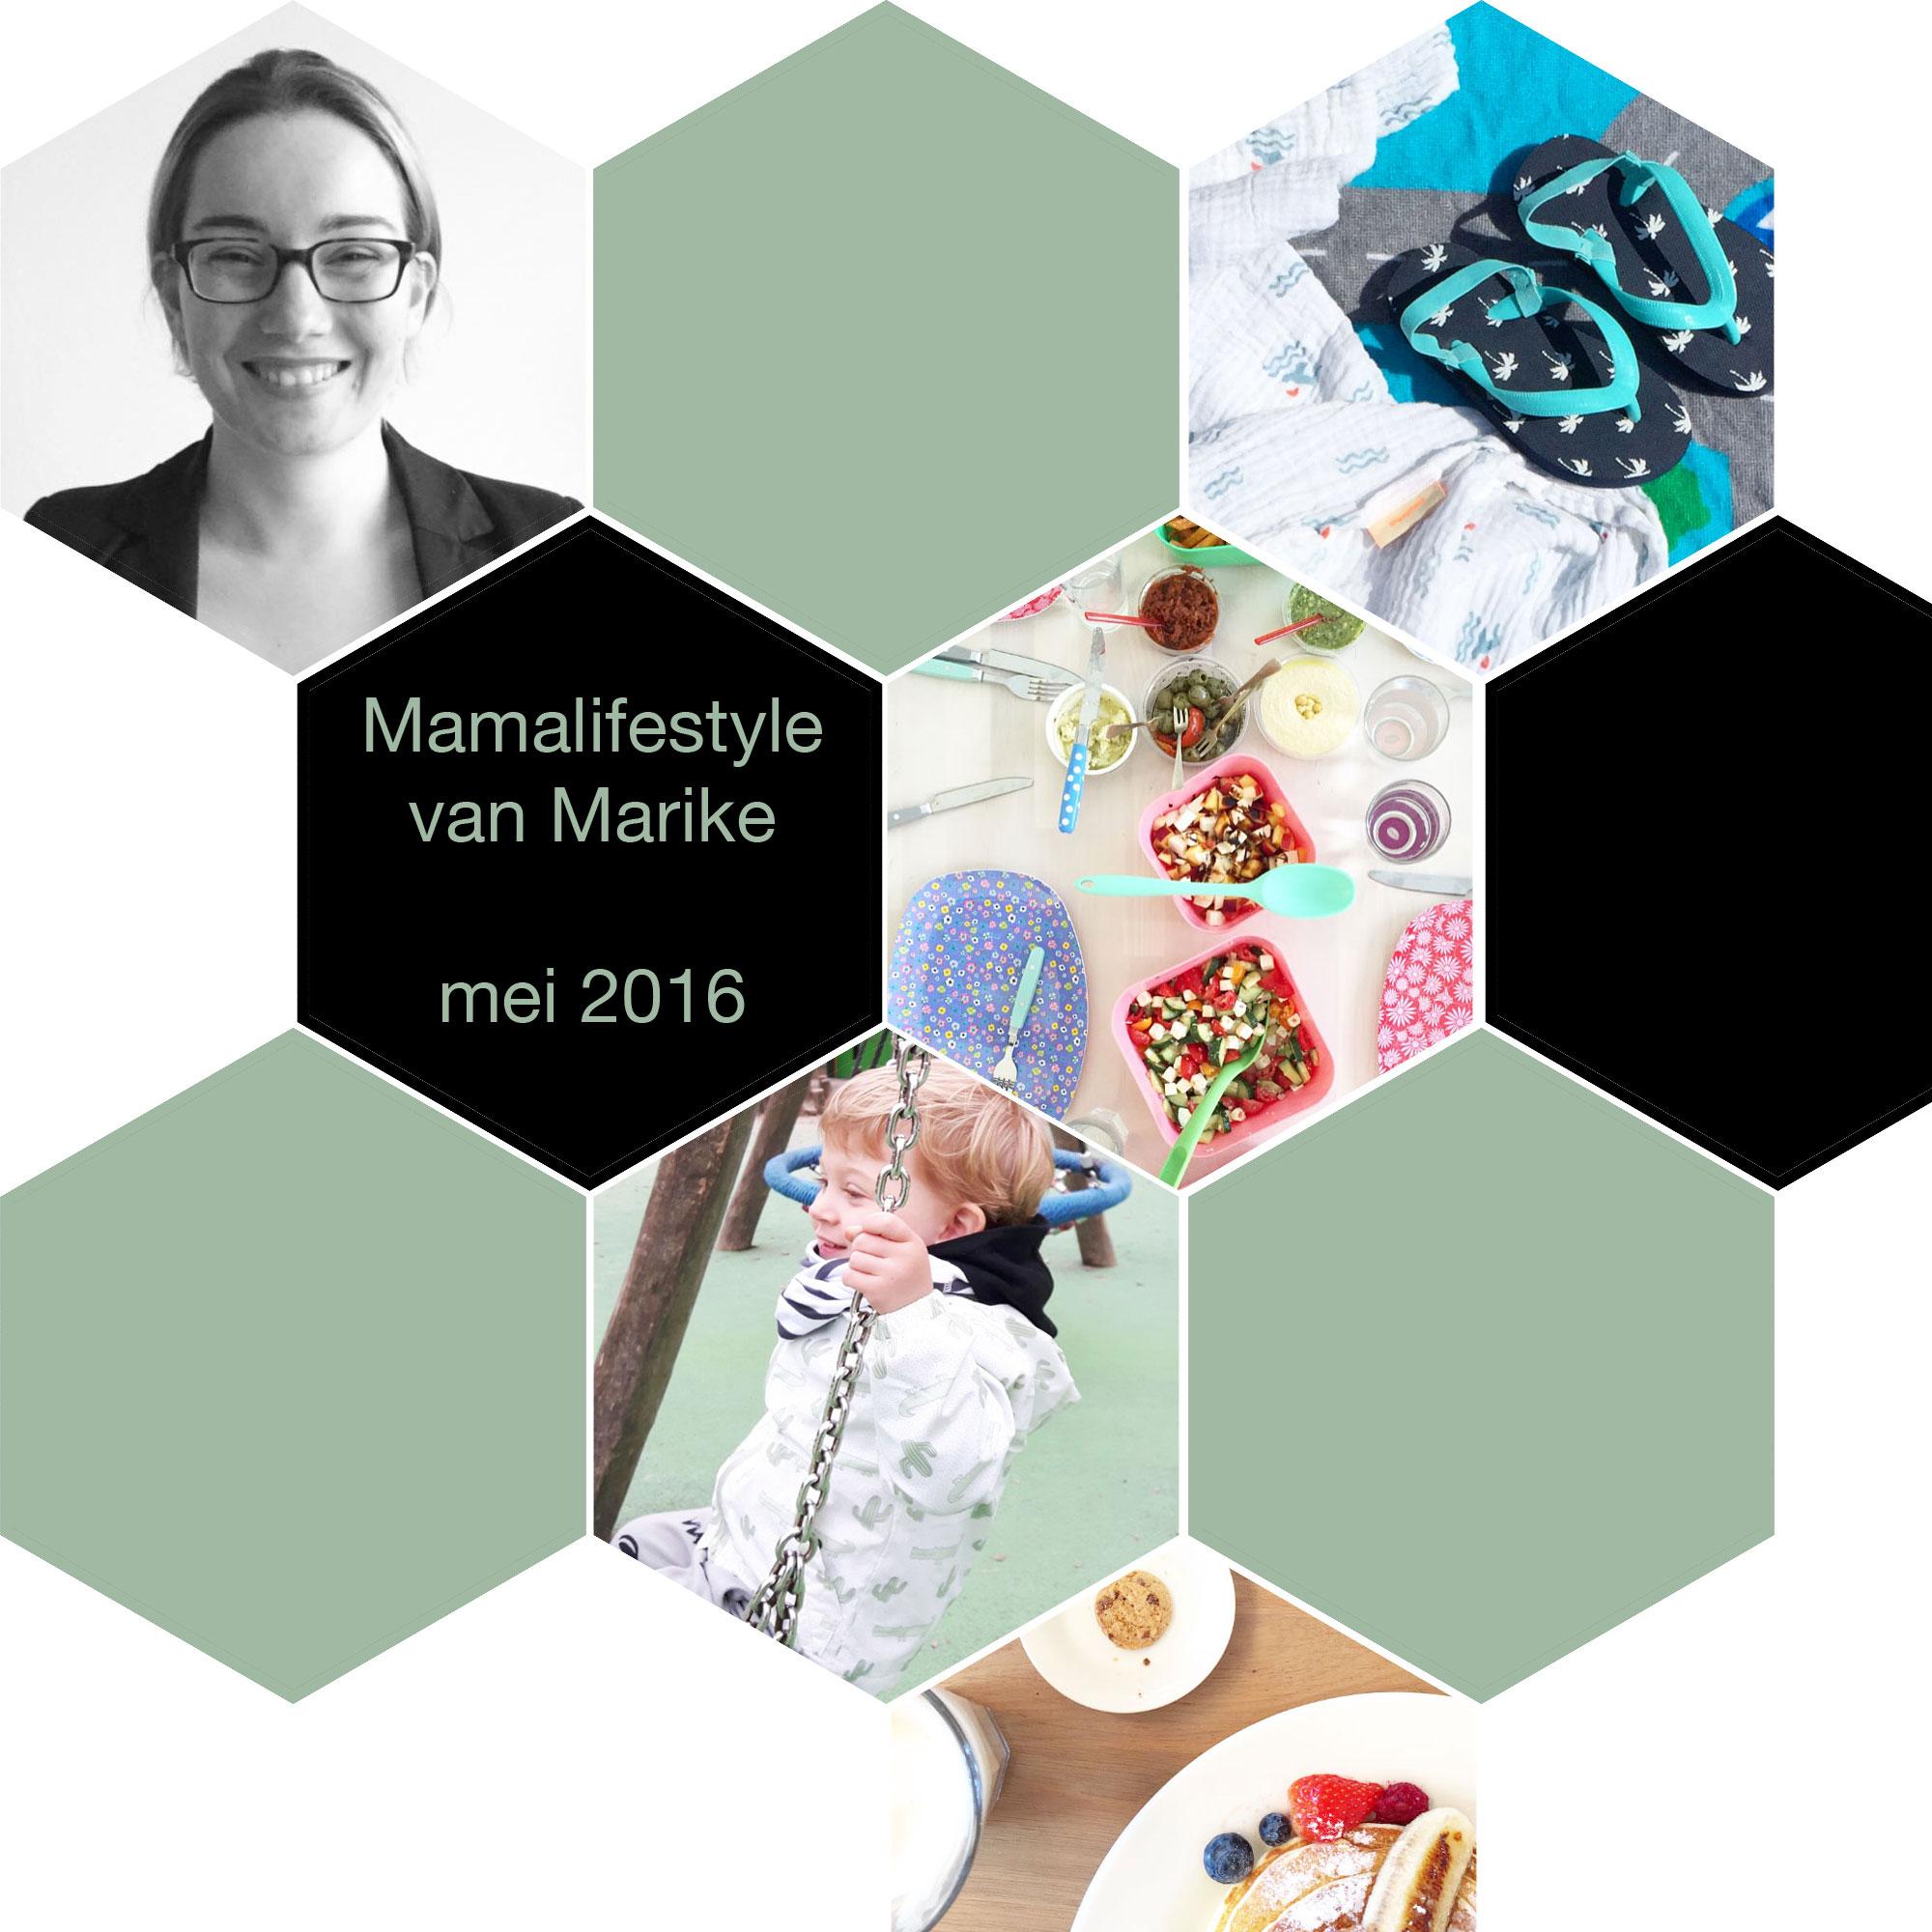 Mamalifestyle maandoverzicht mei 2016